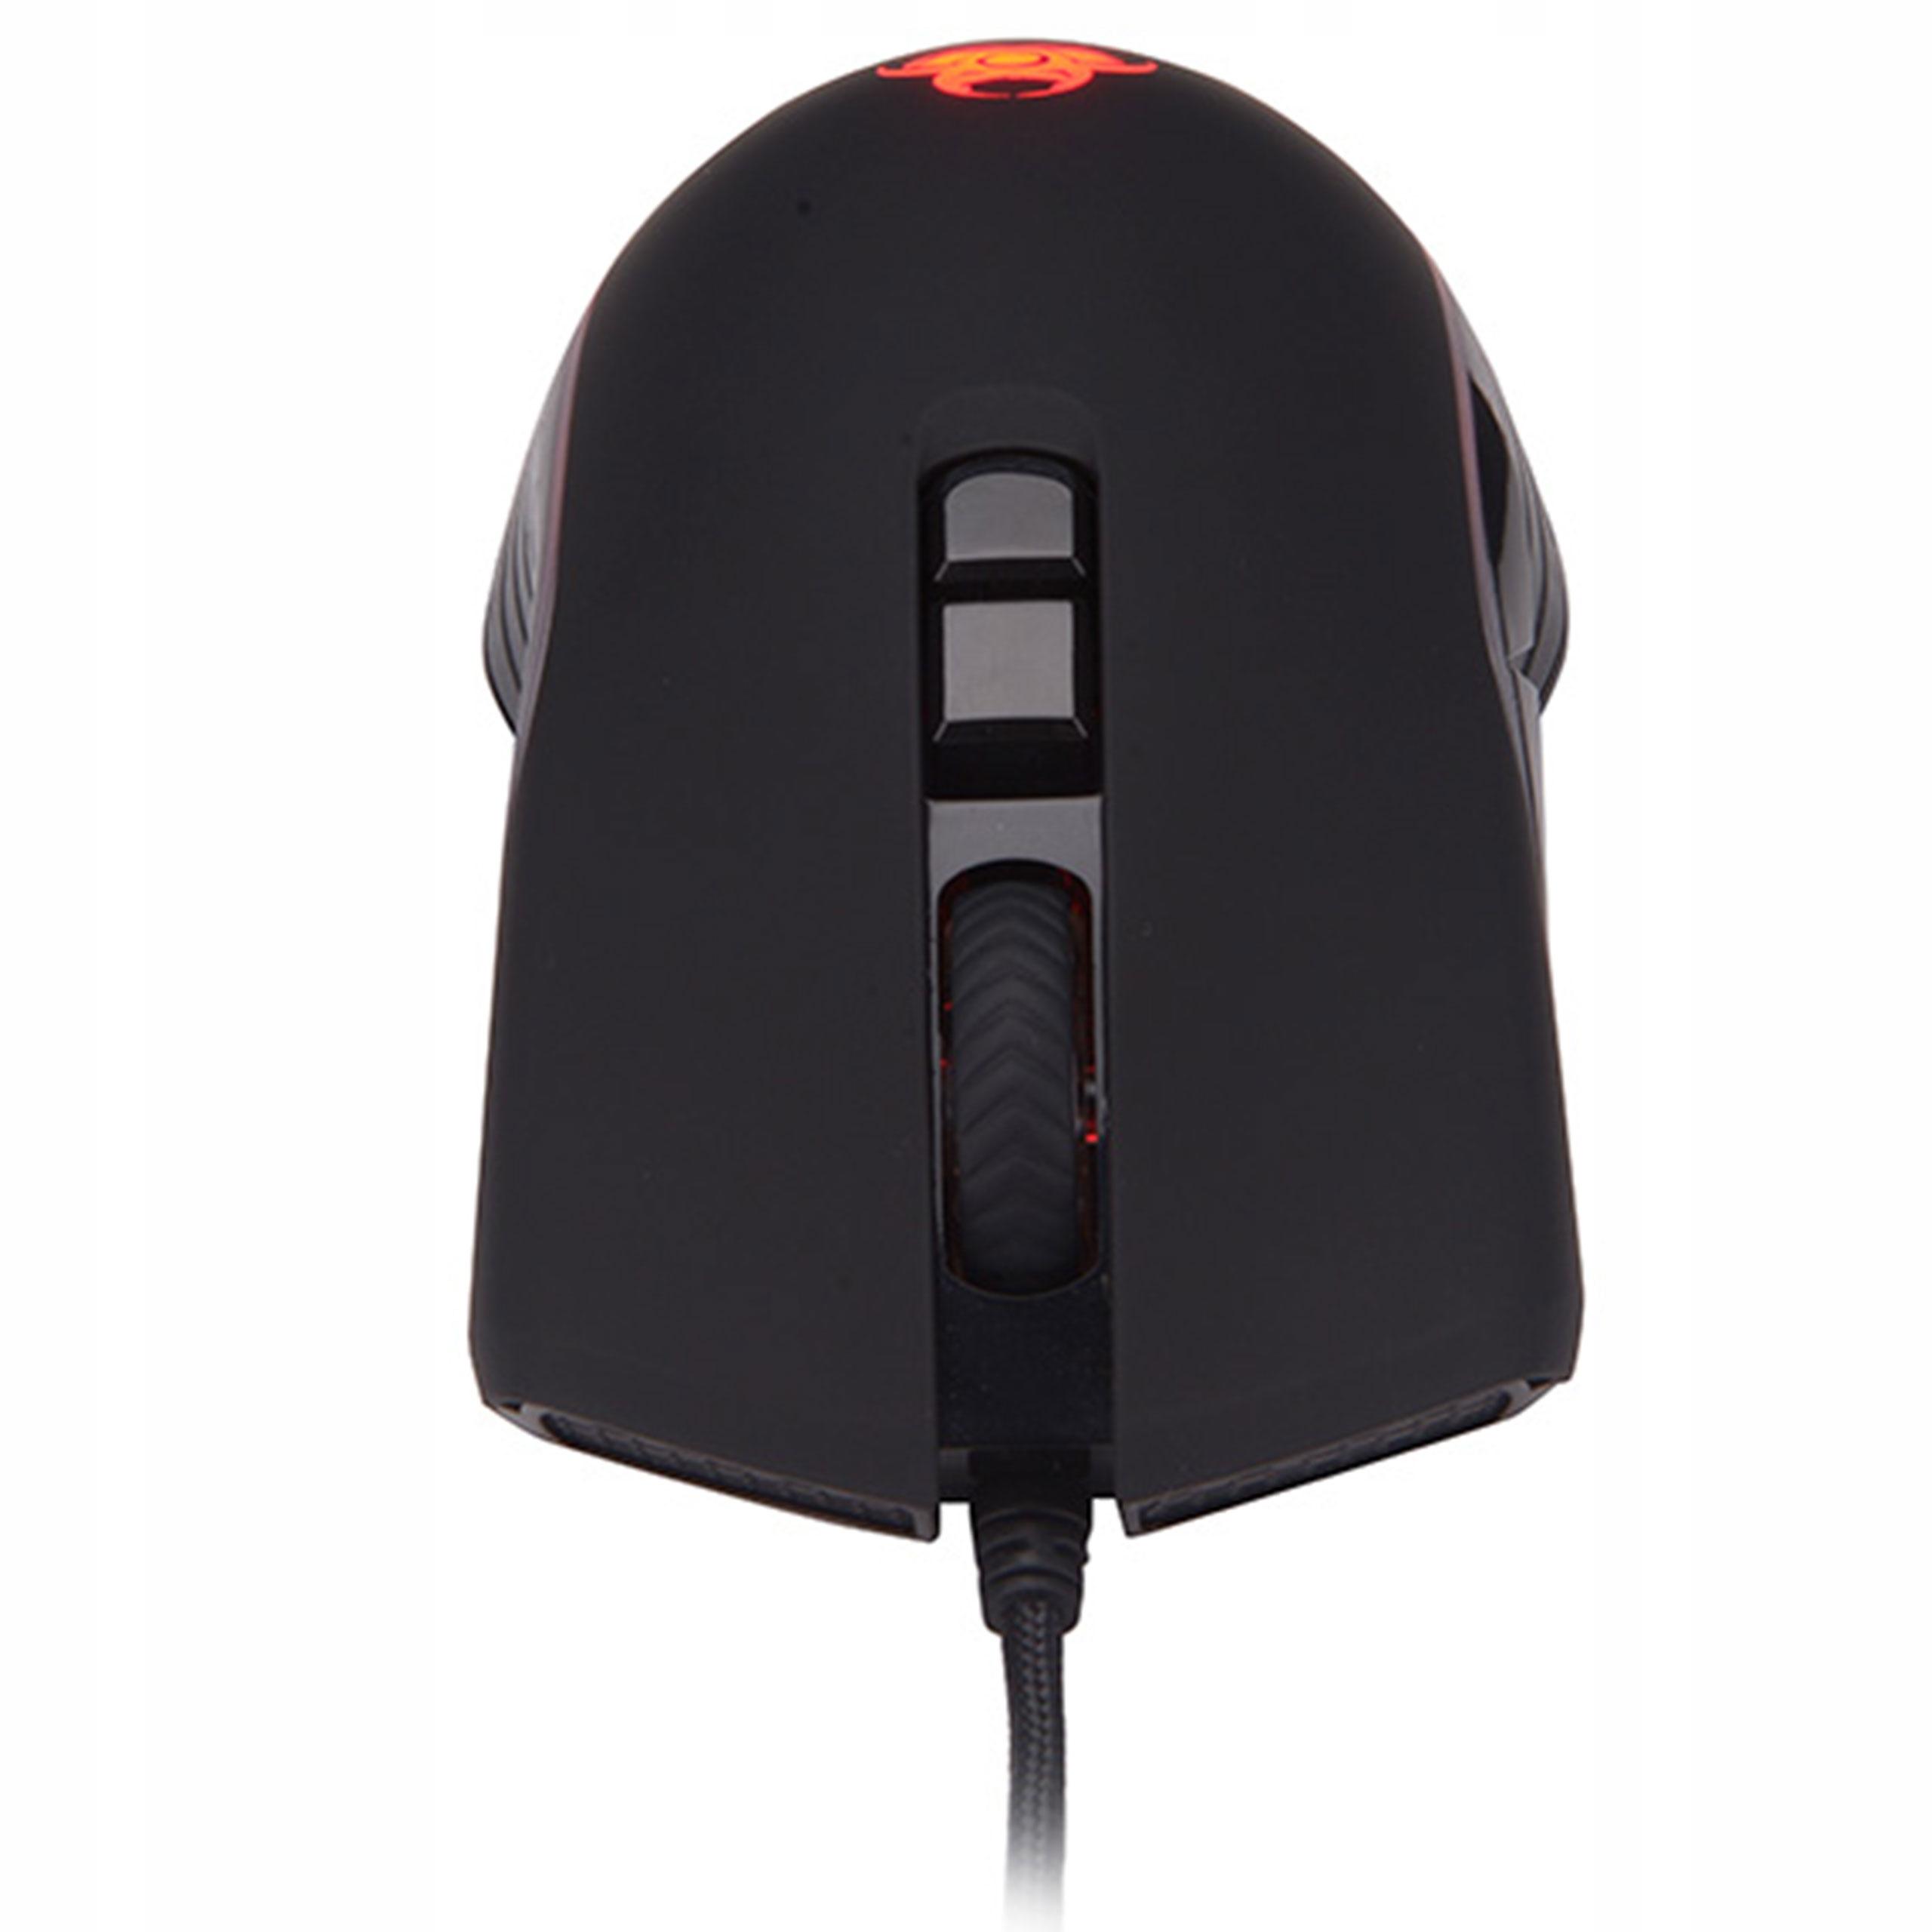 SPILLESPILLMUS RGB LED 1600 DPI SPILL Musoppløsning 2400 dpi